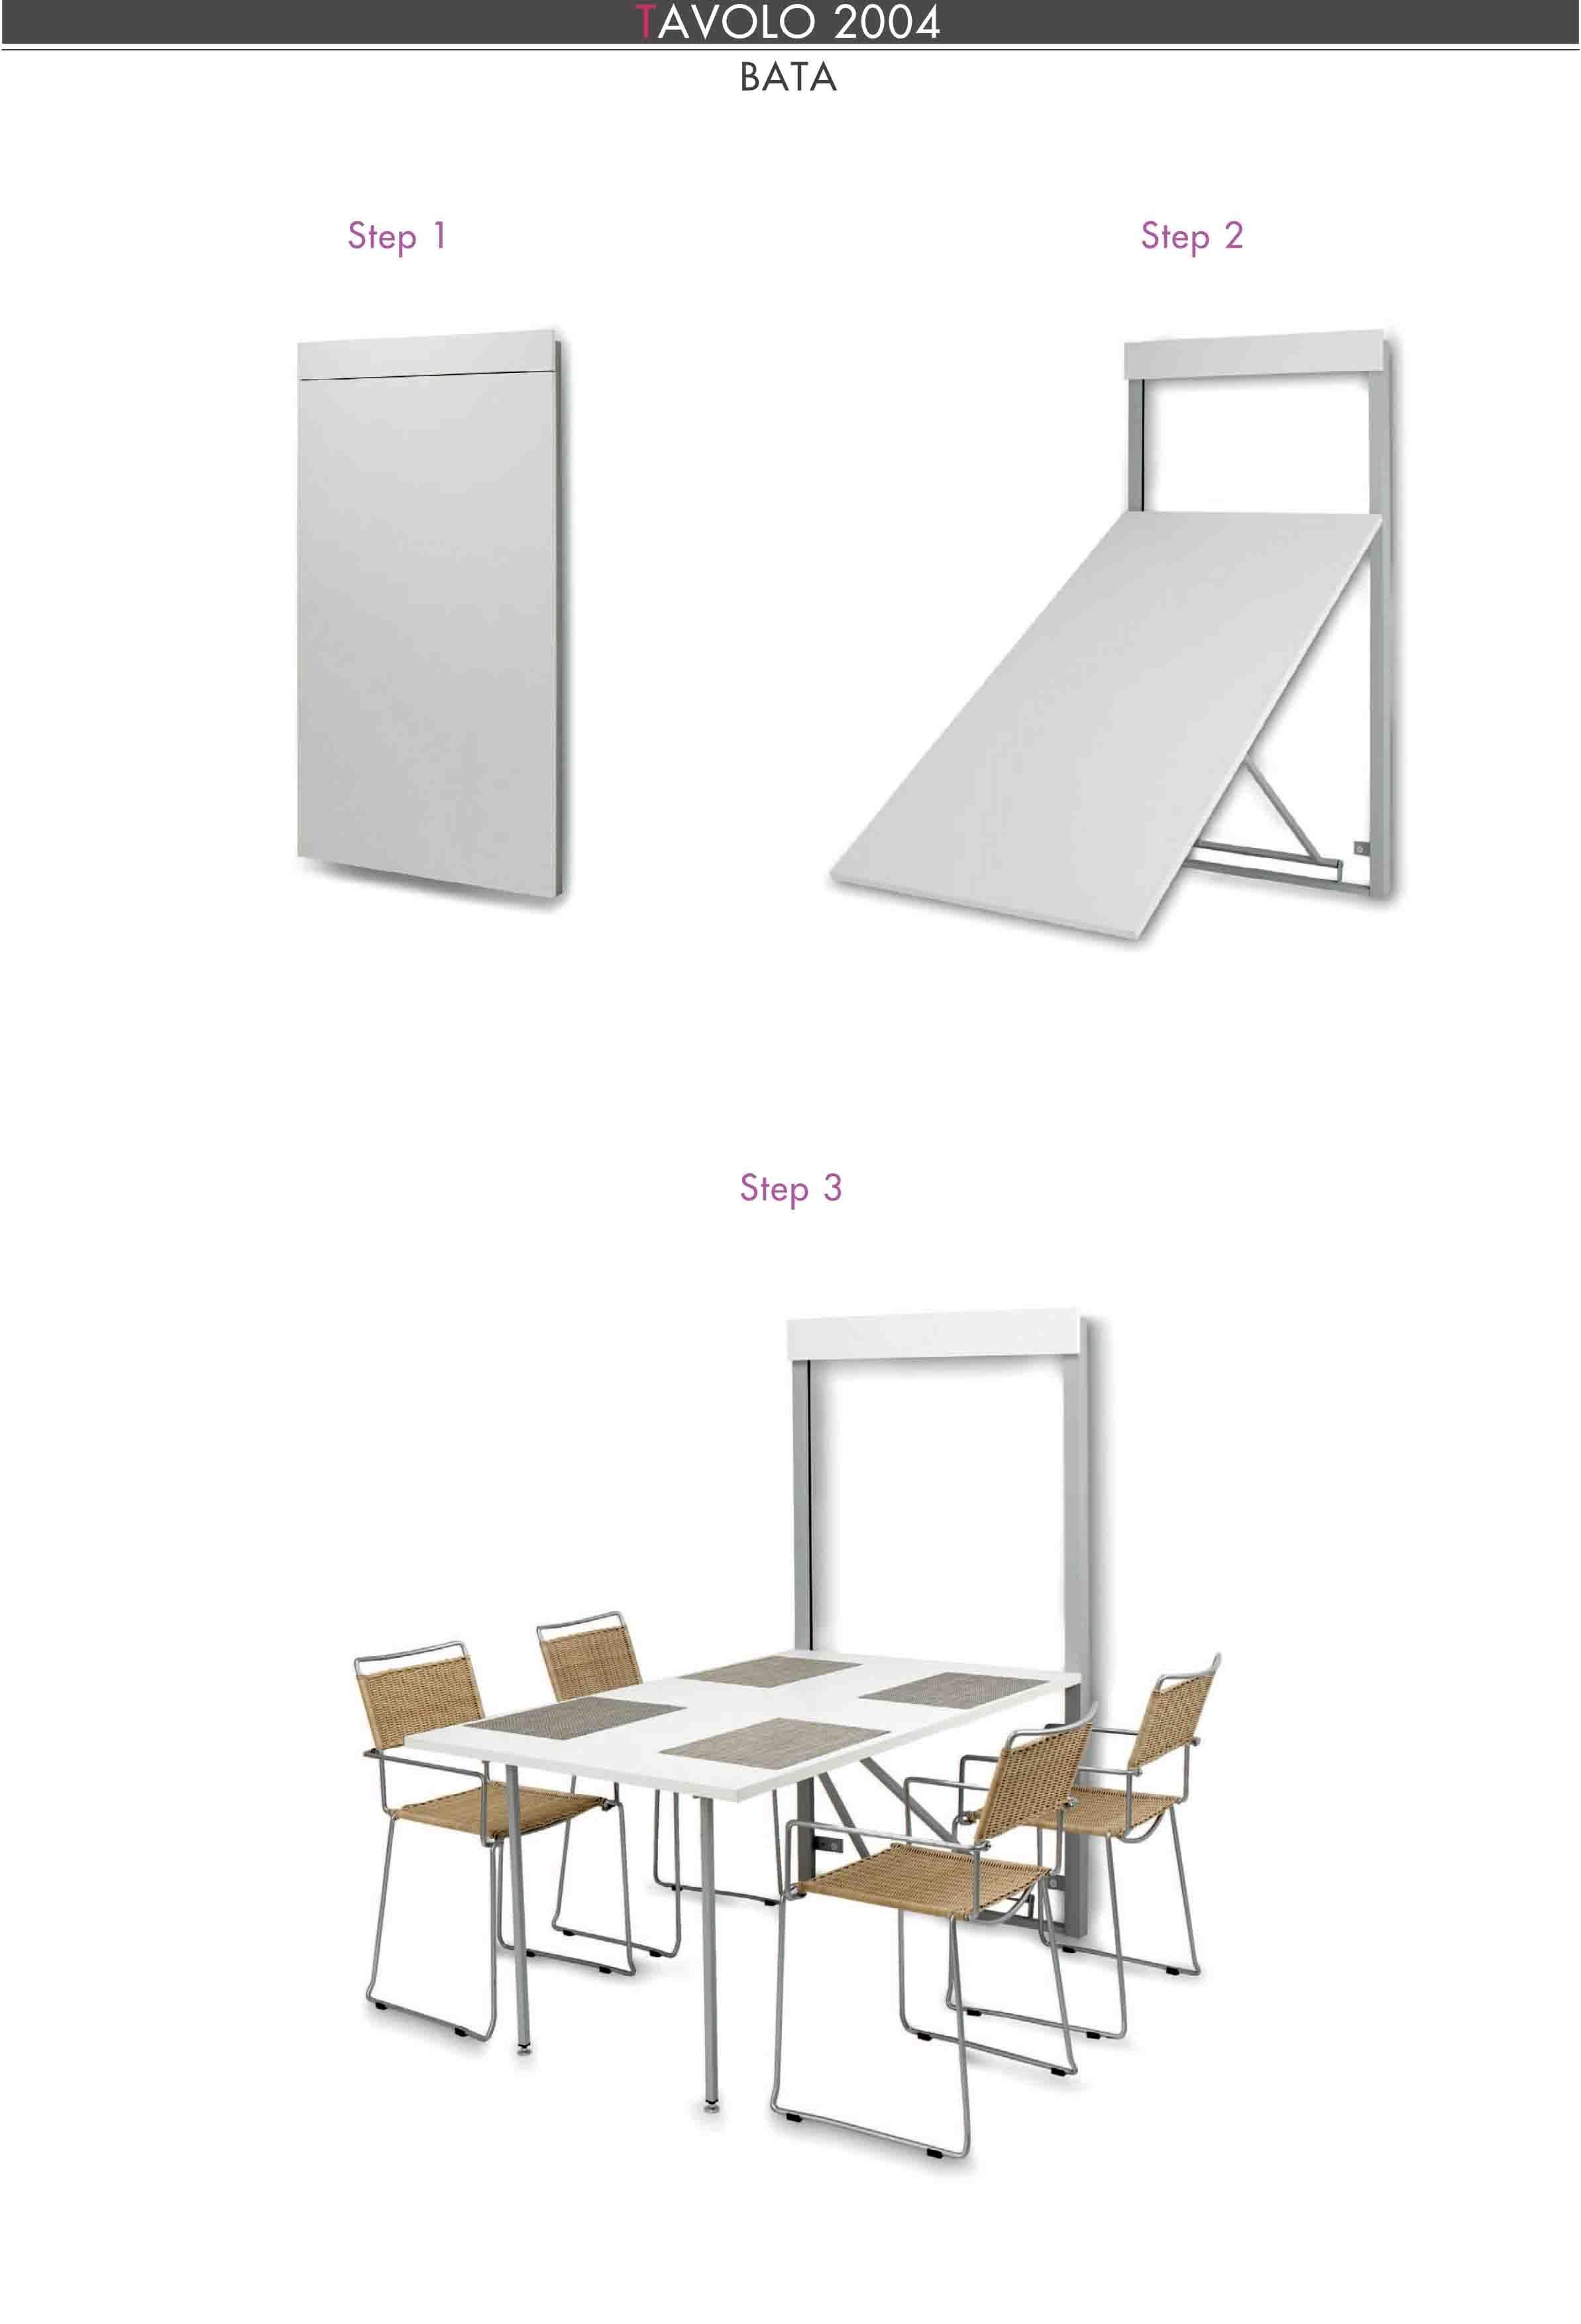 tavola a scomparsa - Cerca con Google | rimini | Pinterest ...